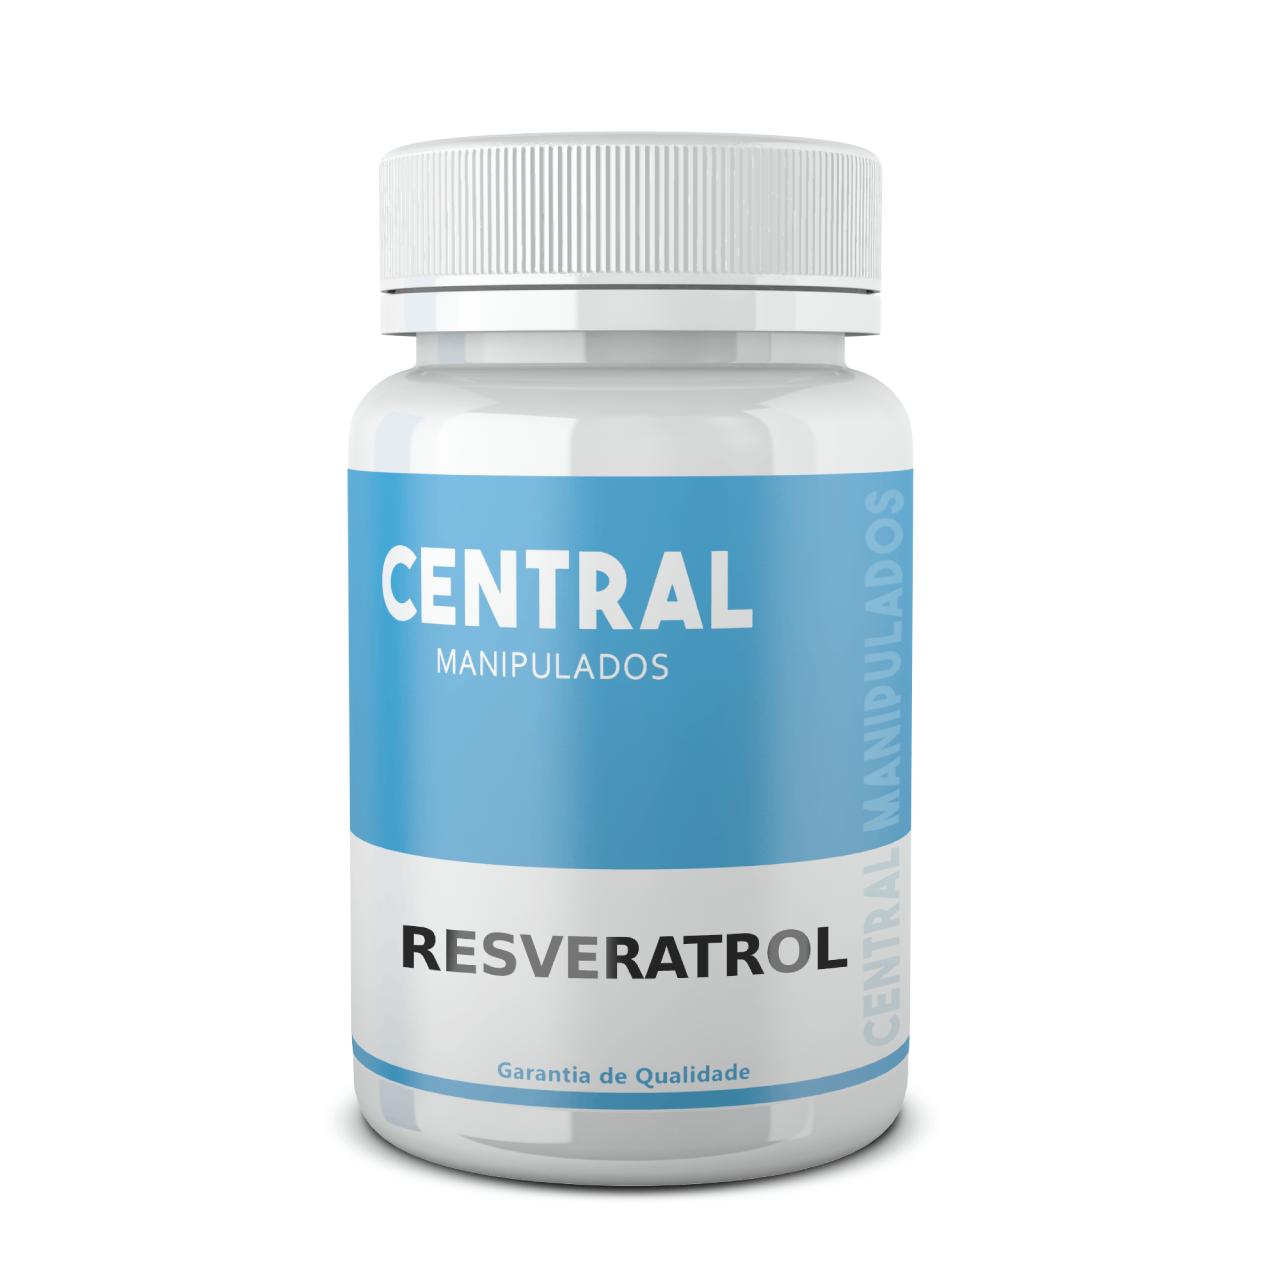 Resveratrol 30mg - 120 cápsulas - Antioxidante, efeito cardioprotetor, exibe propriedades anticâncer, impedindo a proliferação de células cancerígenas.